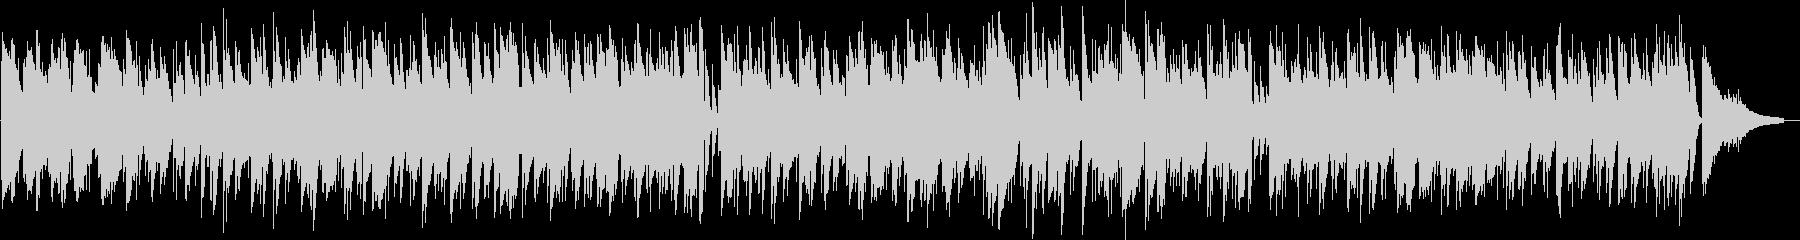 ムードあるイージーリスニング曲の未再生の波形